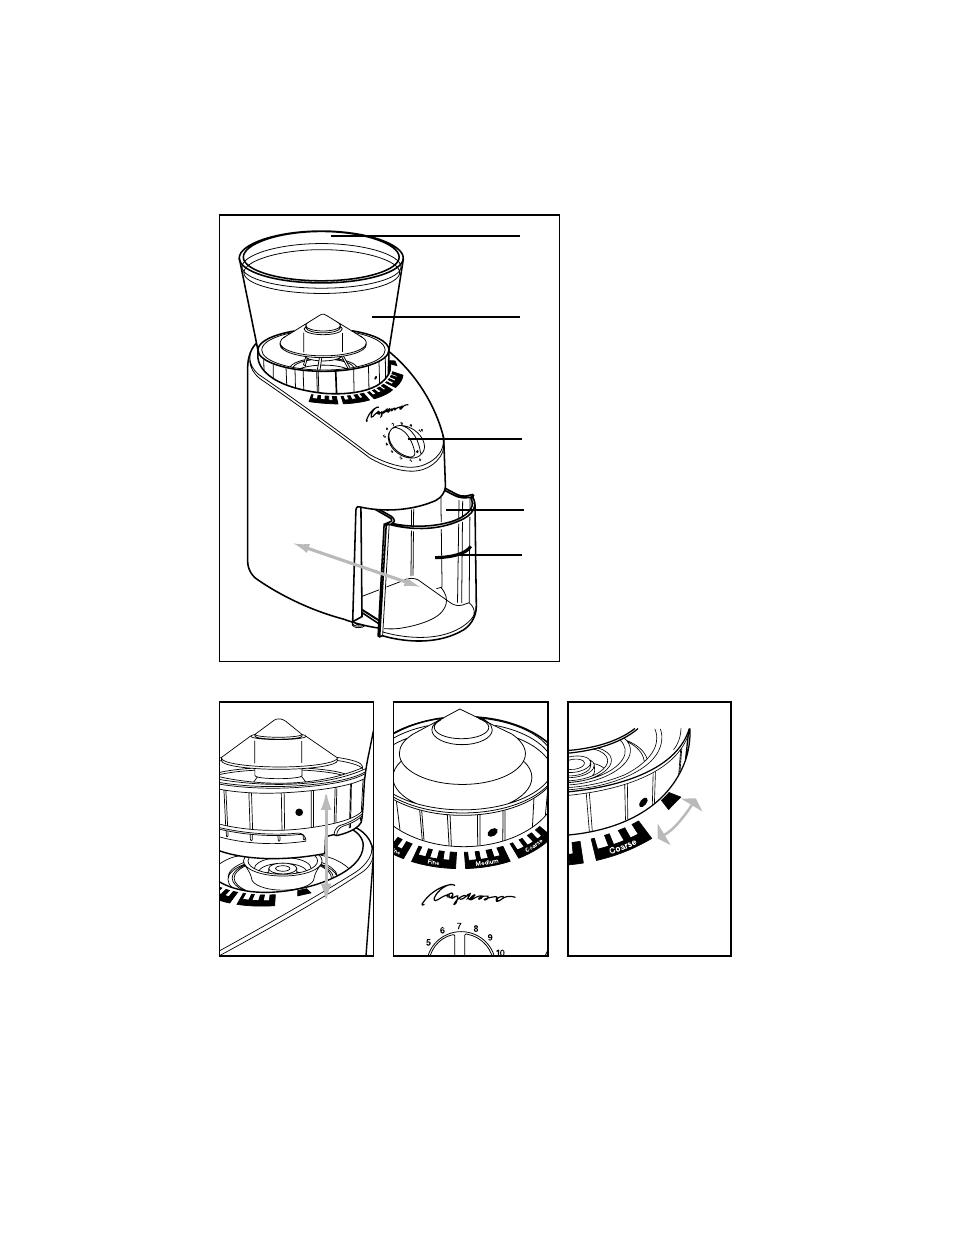 Hp Officejet 8600 Parts Diagram